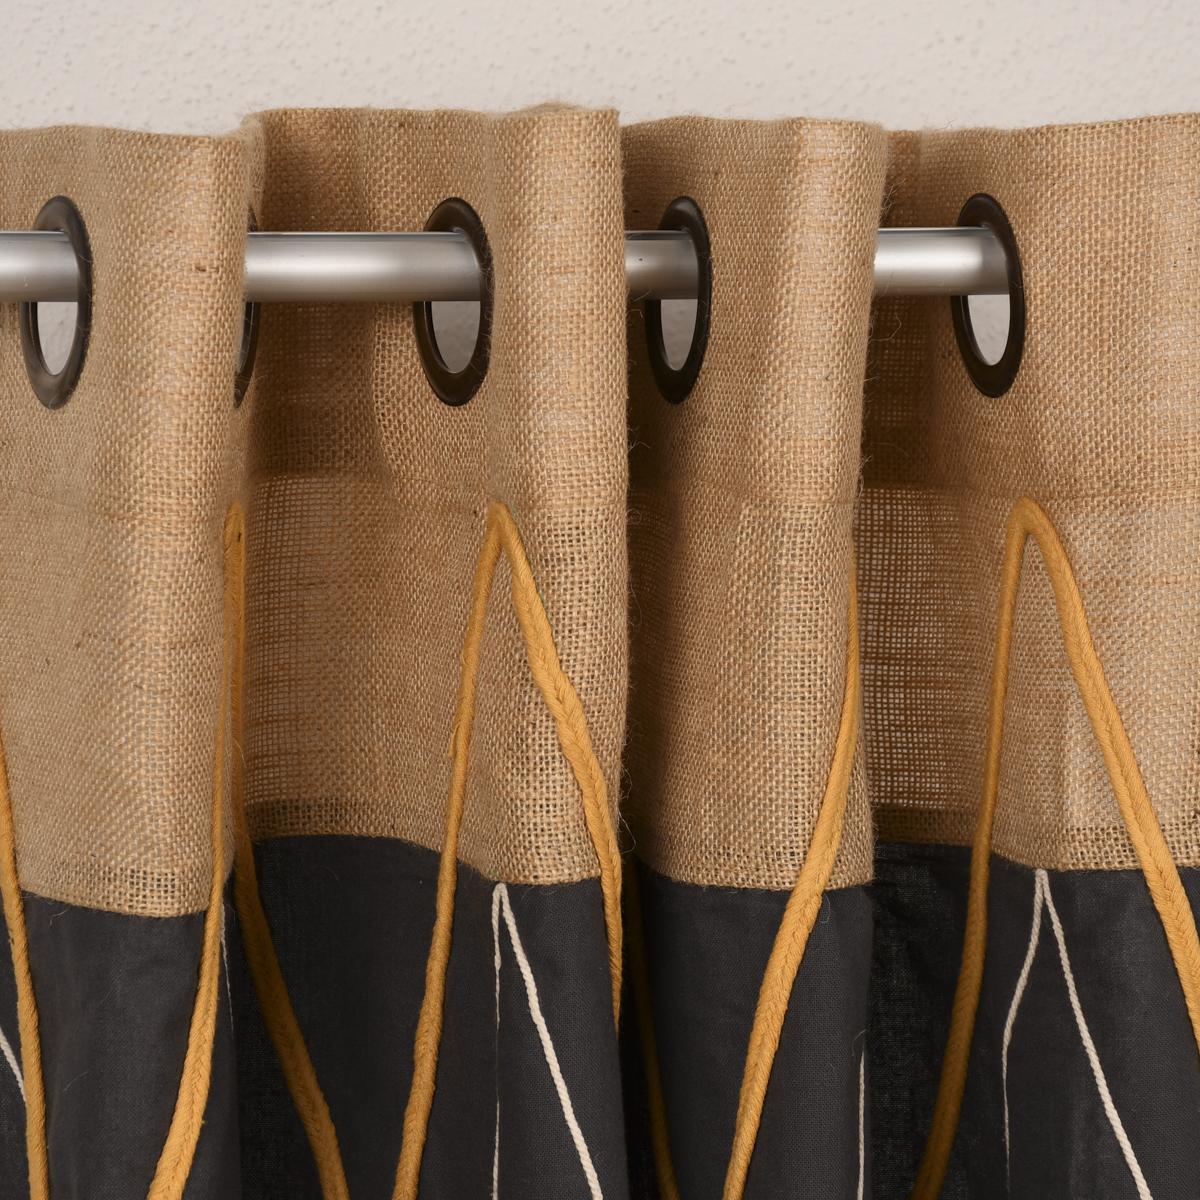 Ösengardine aus Baumwolle mit Ansatz und Applikation Zickzack grau natur 140x260cm